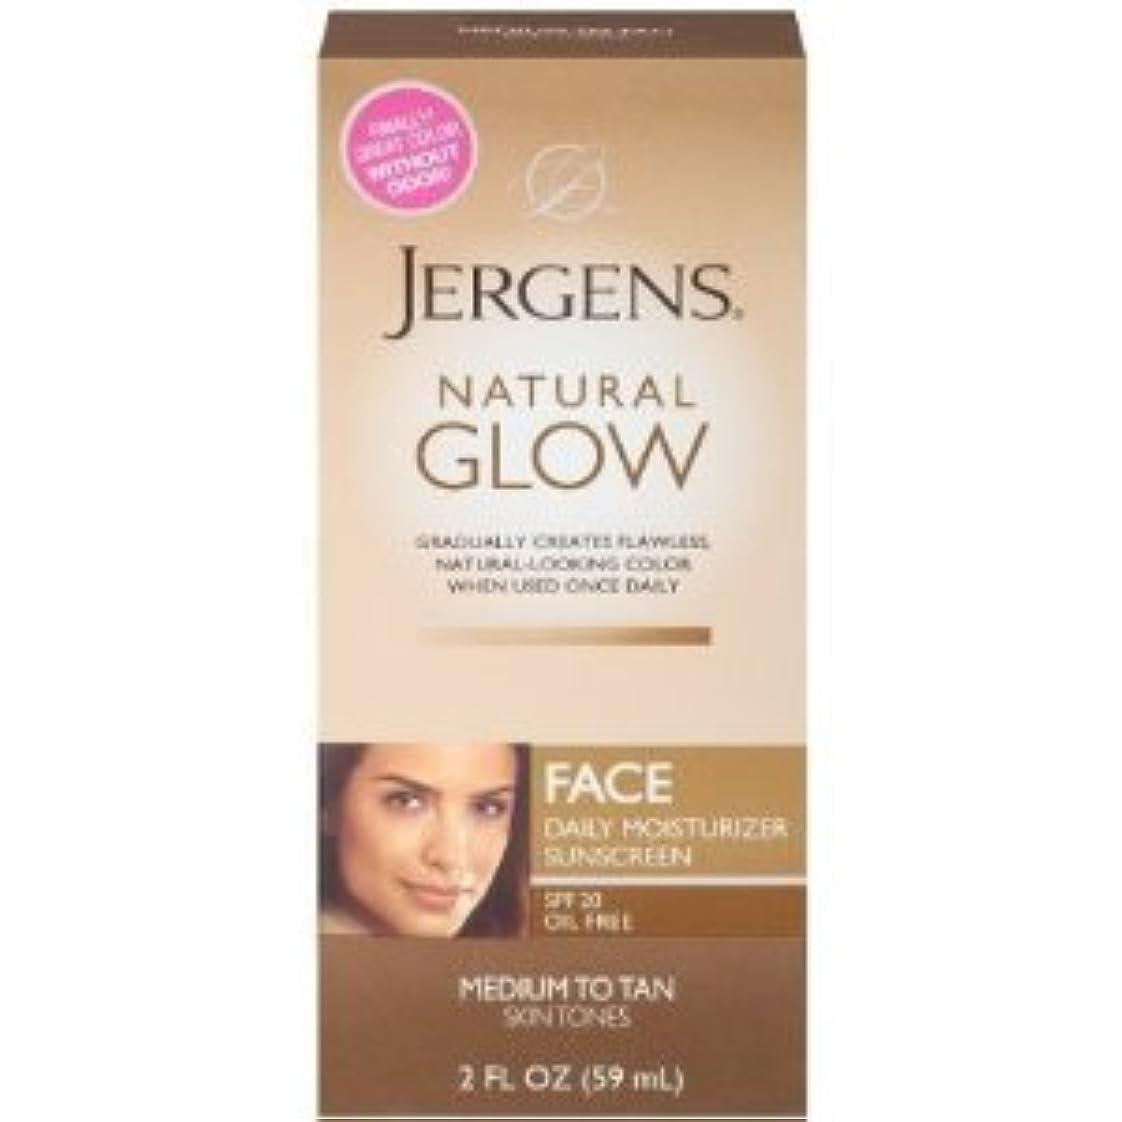 バンジージャンプの頭の上集中Natural Glow Healthy Complexion Daily Facial Moisturizer, SPF 20, Medium to Tan, (59ml) (海外直送品)